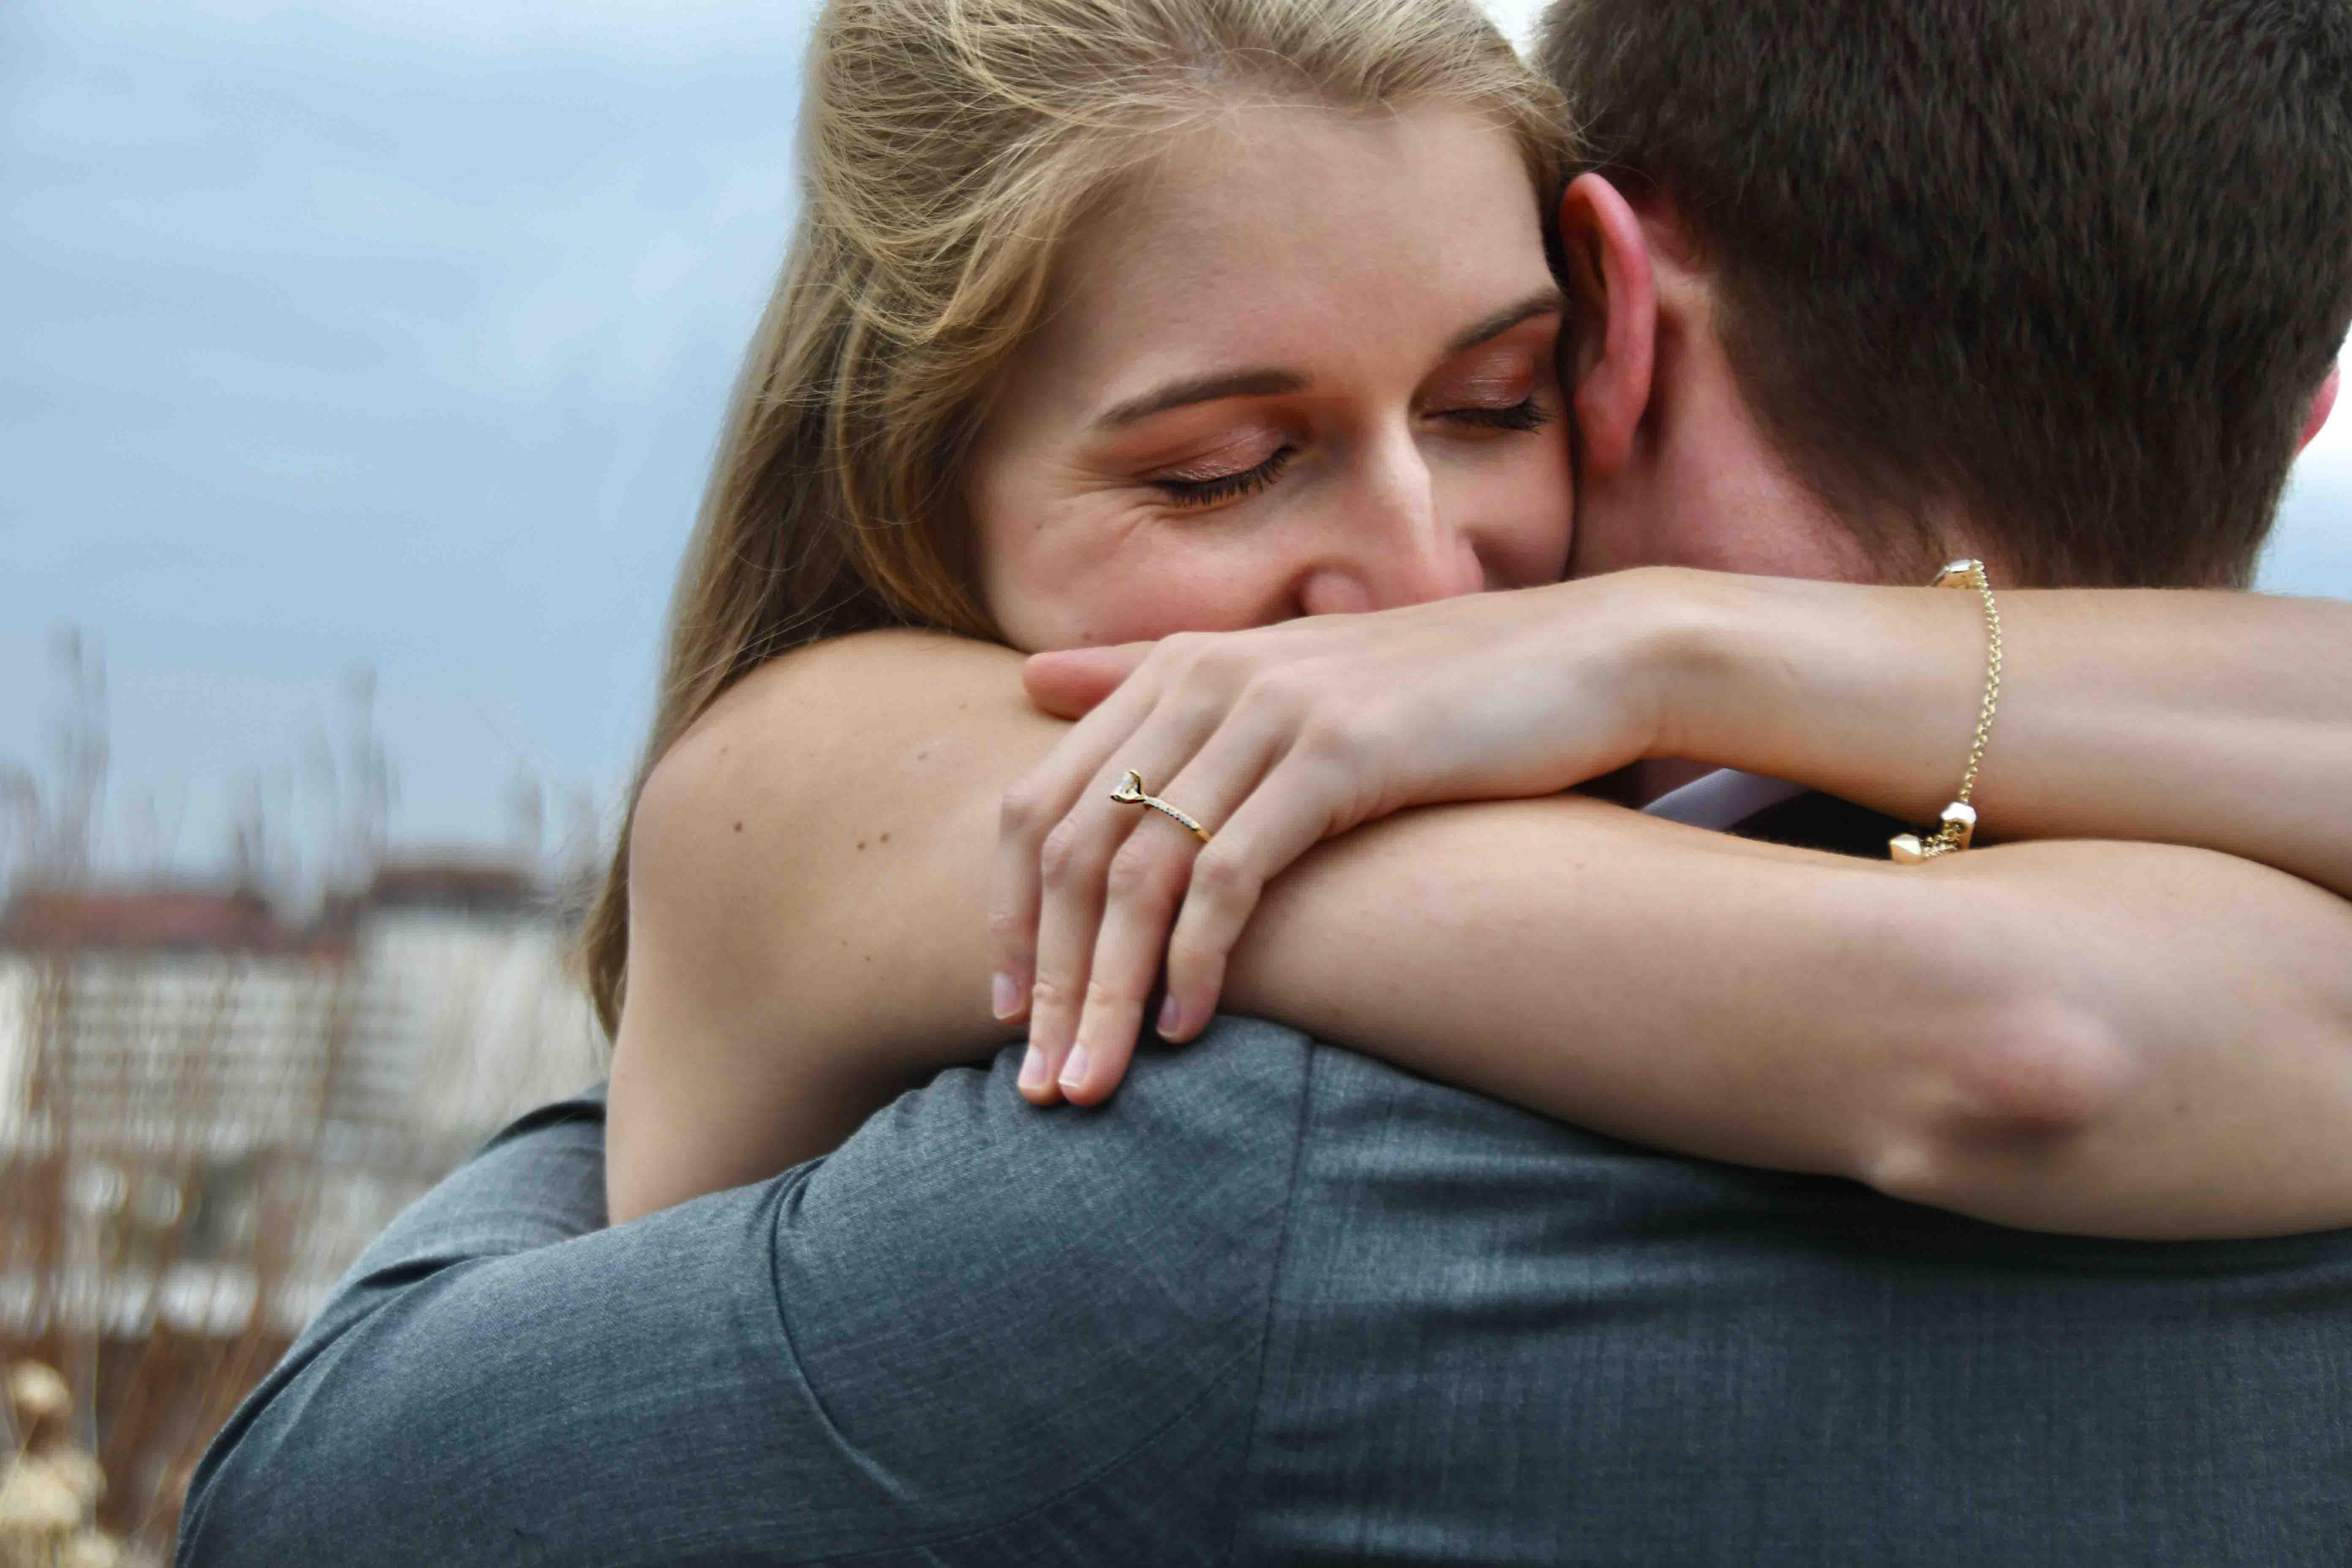 cô gái hạnh phúc khi được cầu hôn